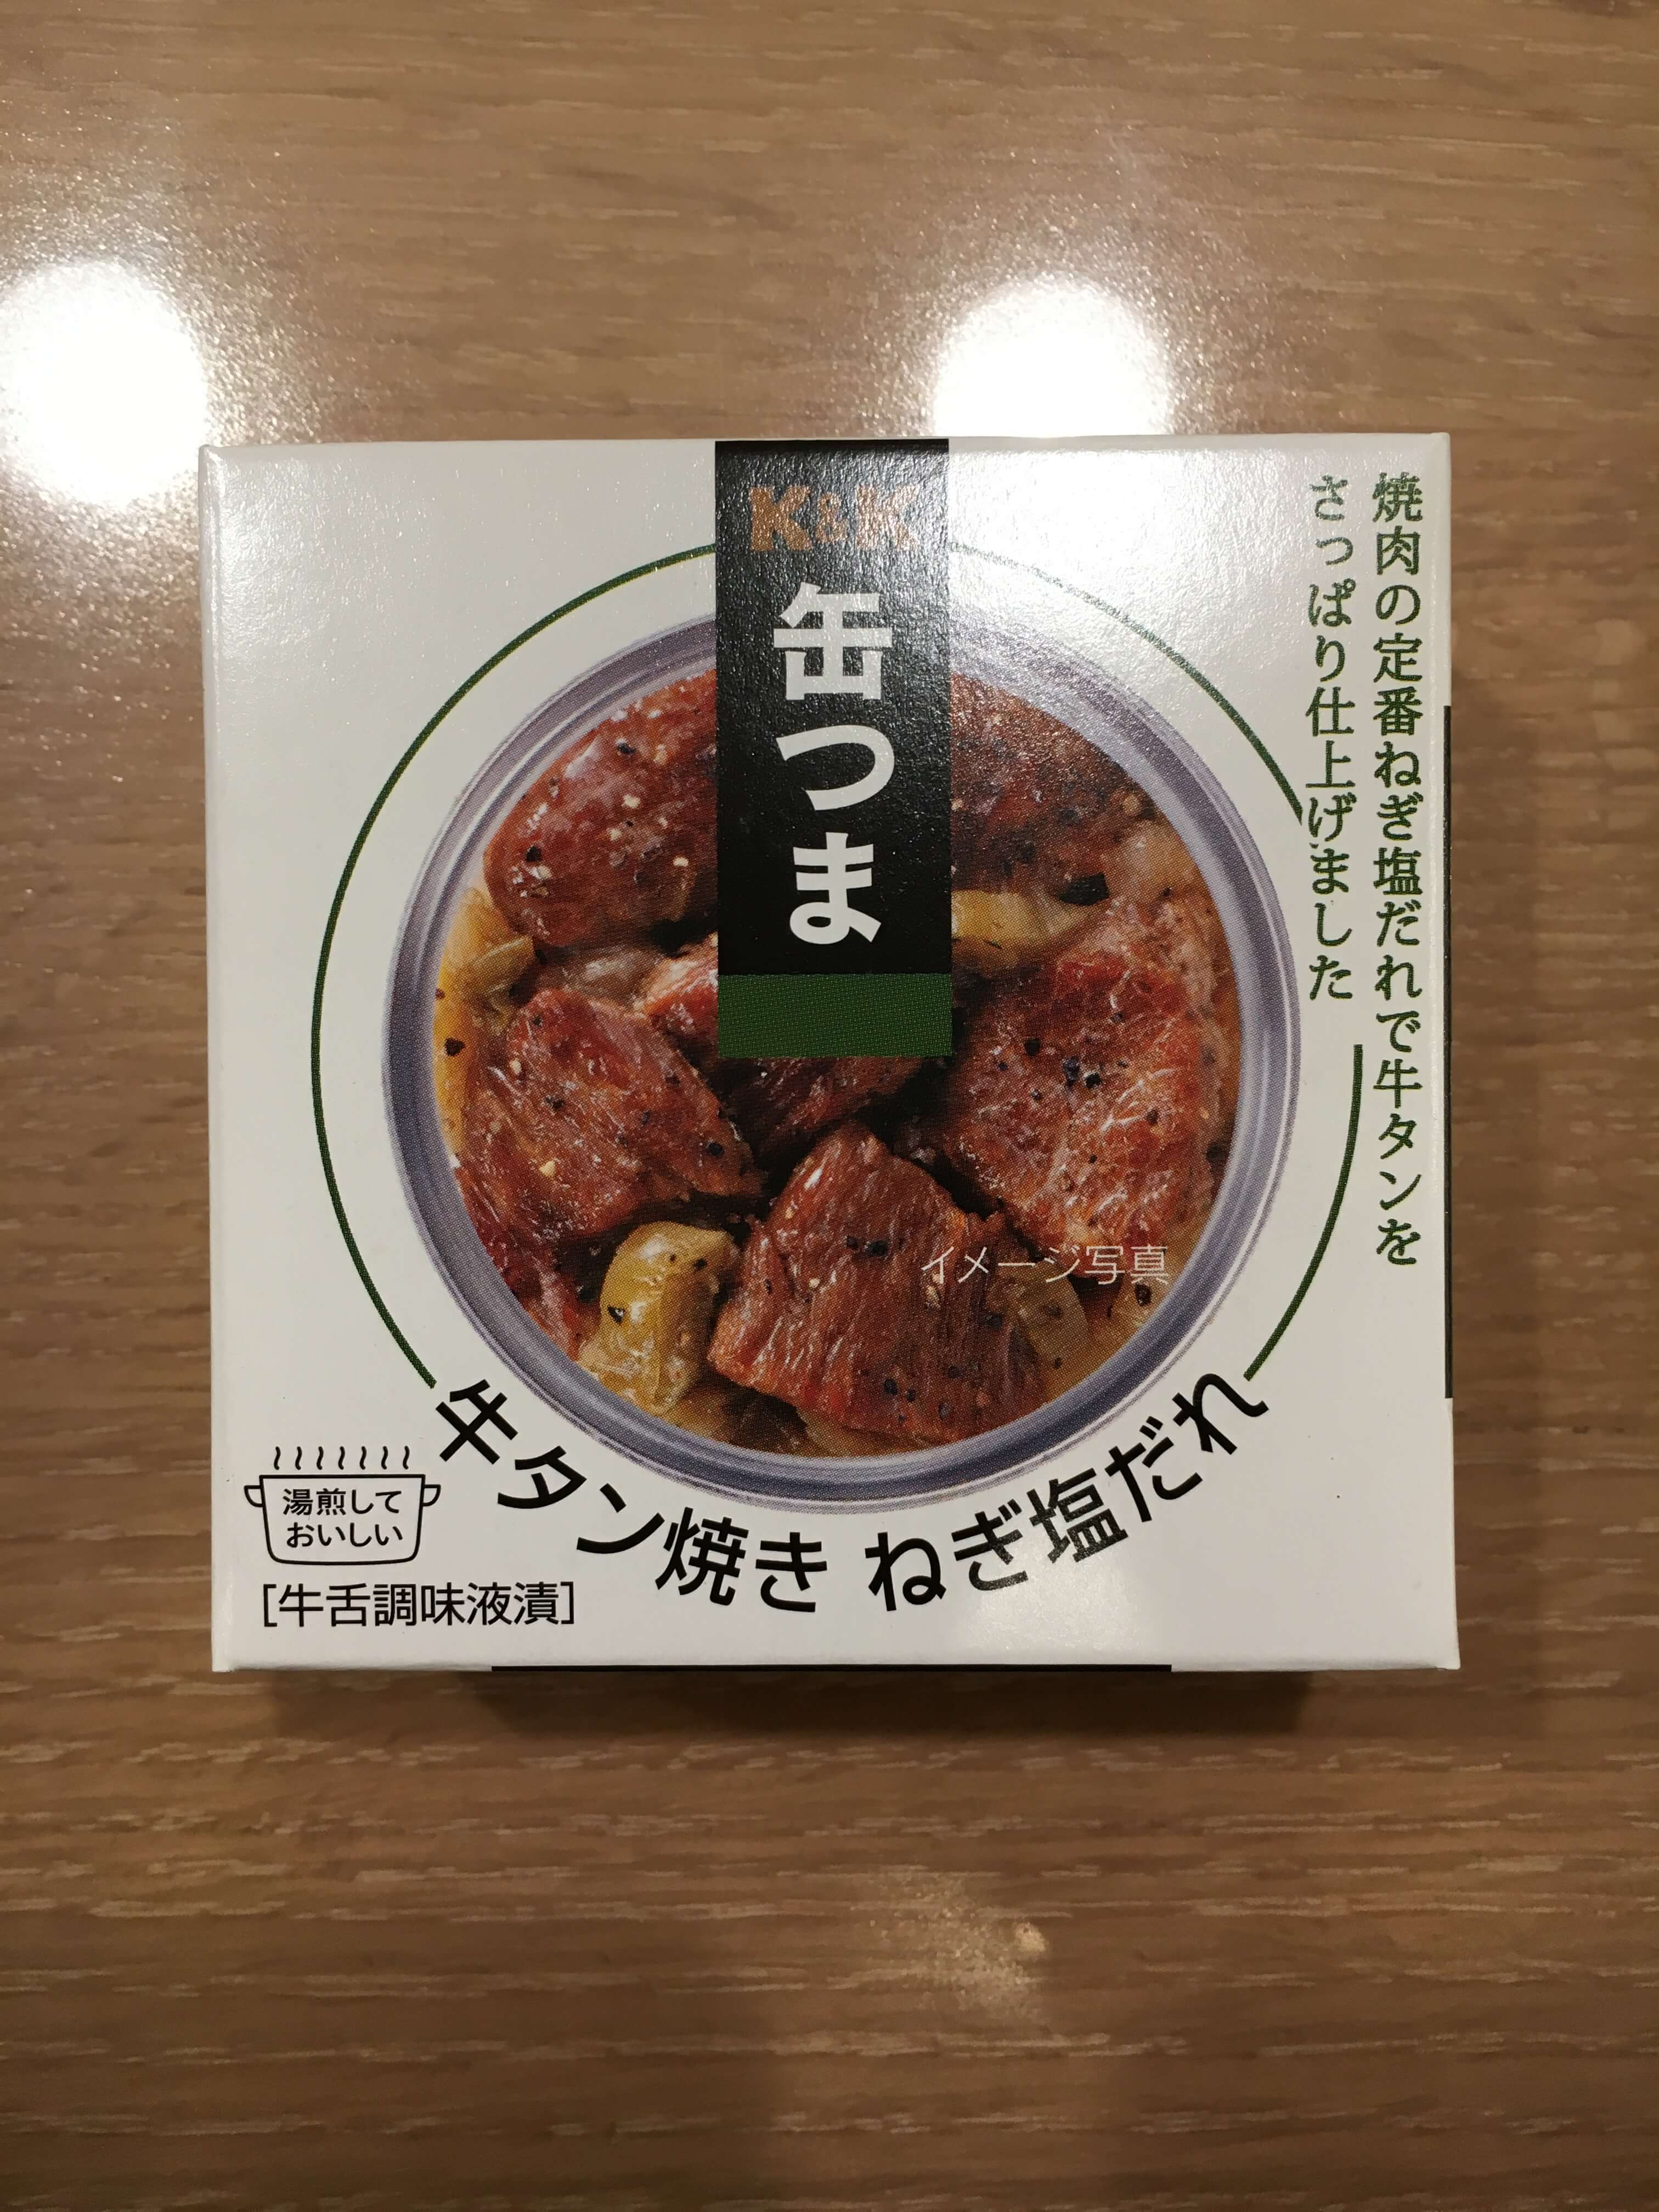 K&K 缶つま 牛タン焼き ねぎ塩だれ まあこんなもんですね